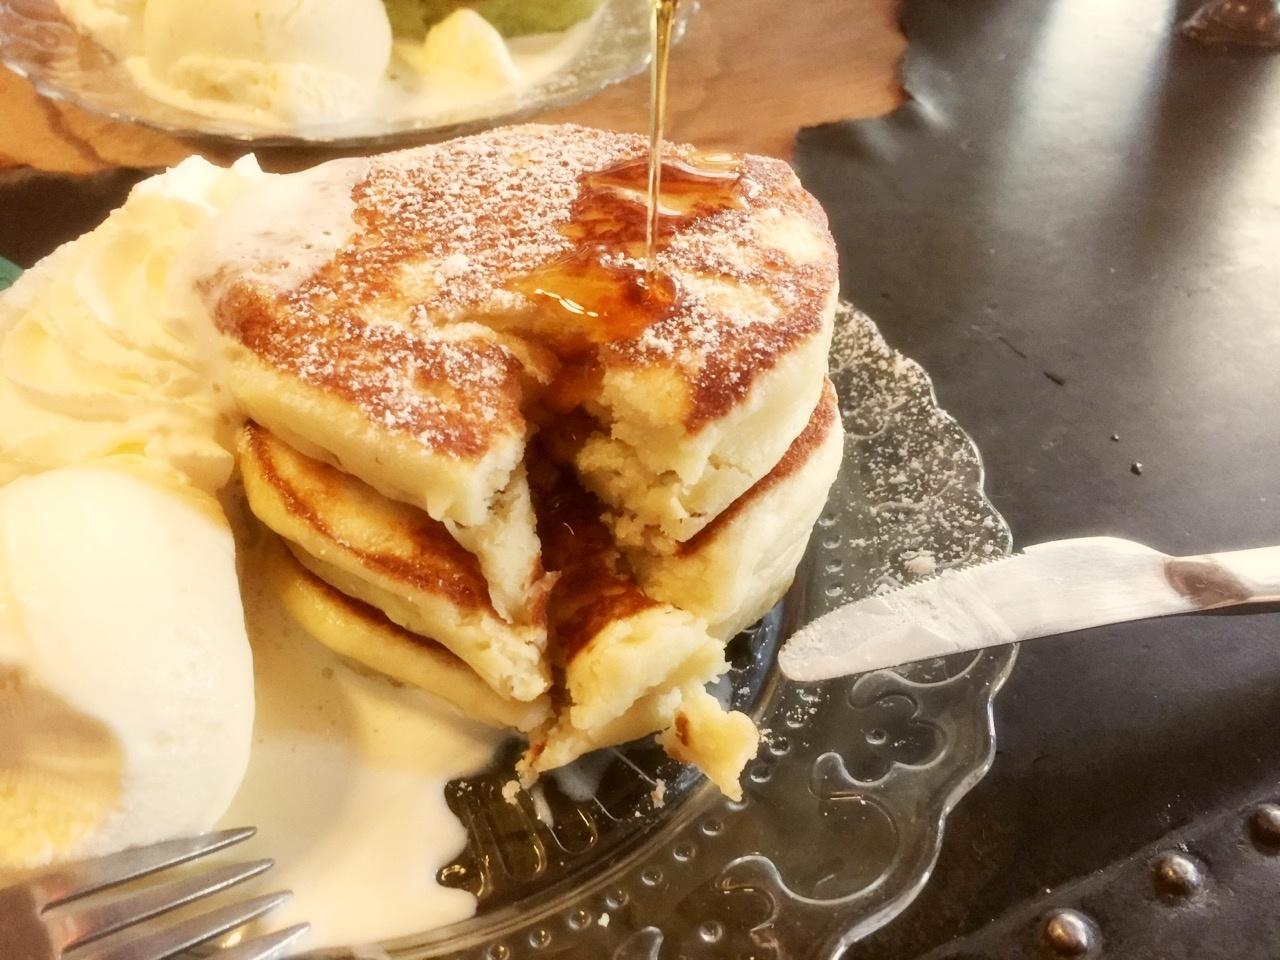 鎌倉の古民家カフェでパンケーキ♡*《mikiのパンケーキメモ》_4